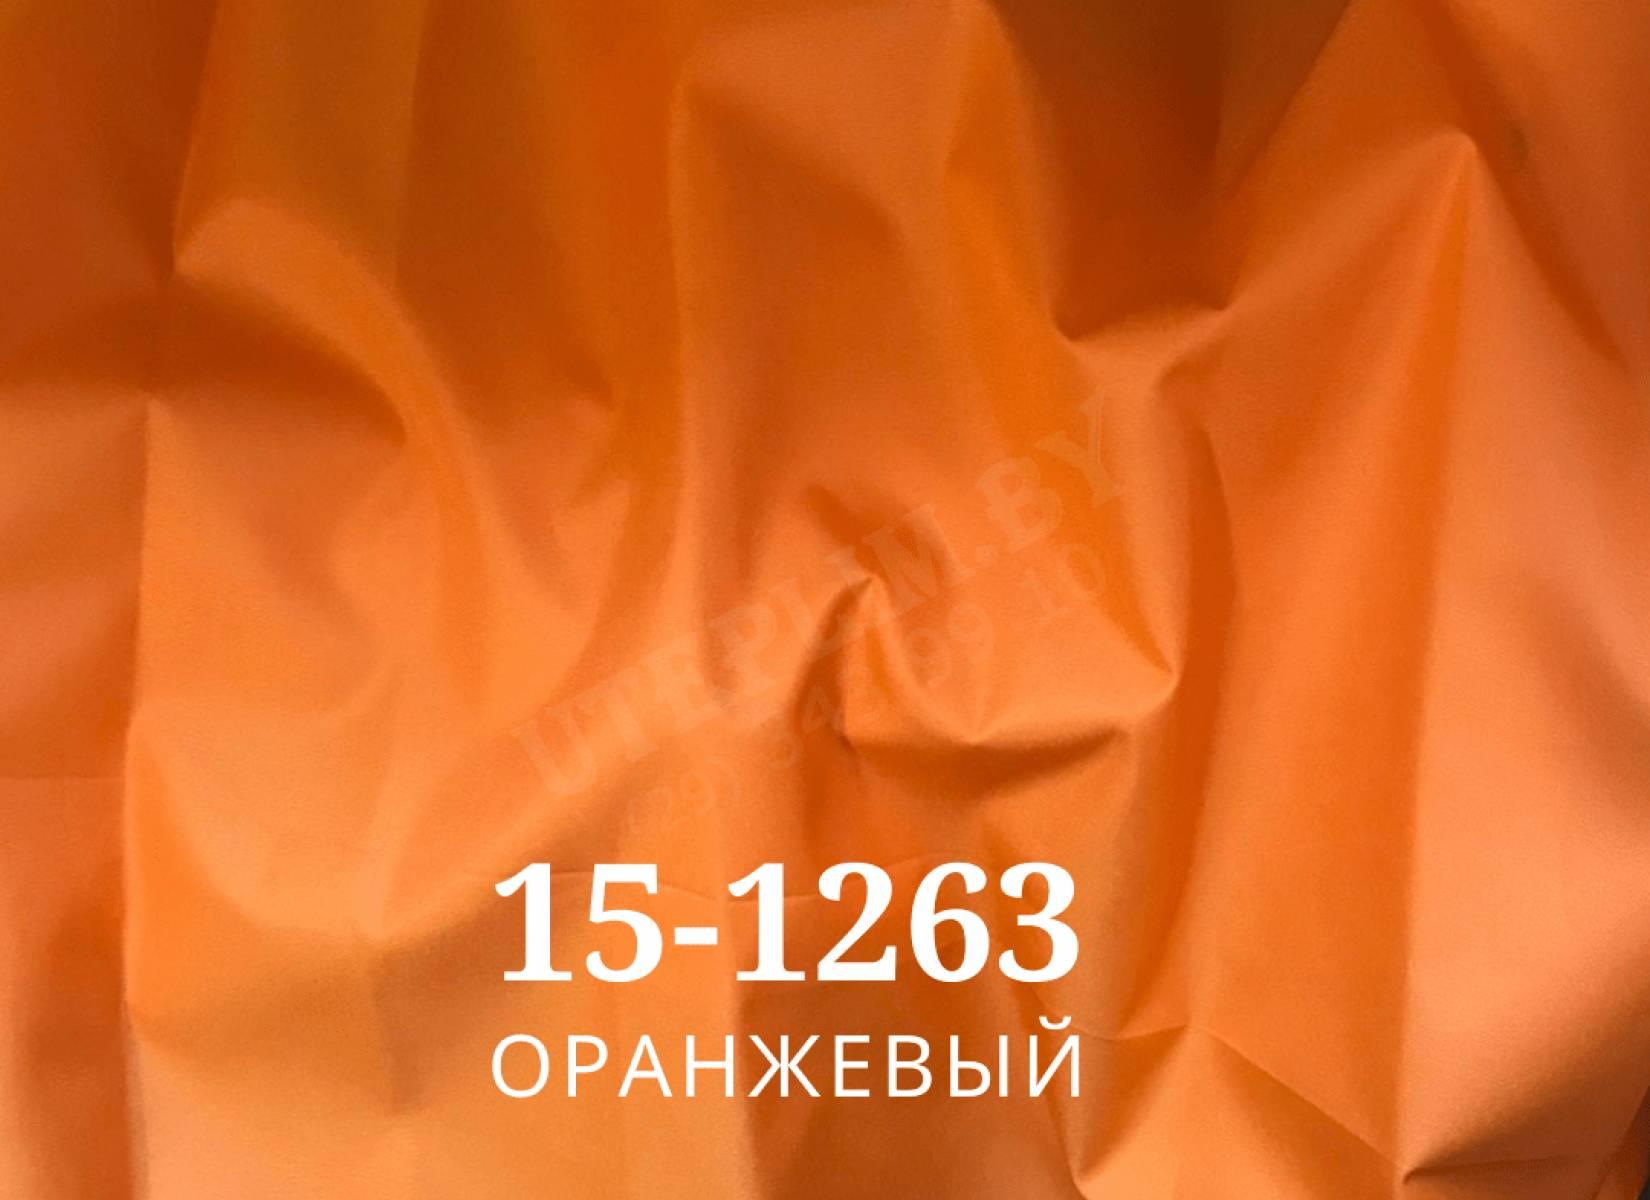 Дюспо - оранжевый